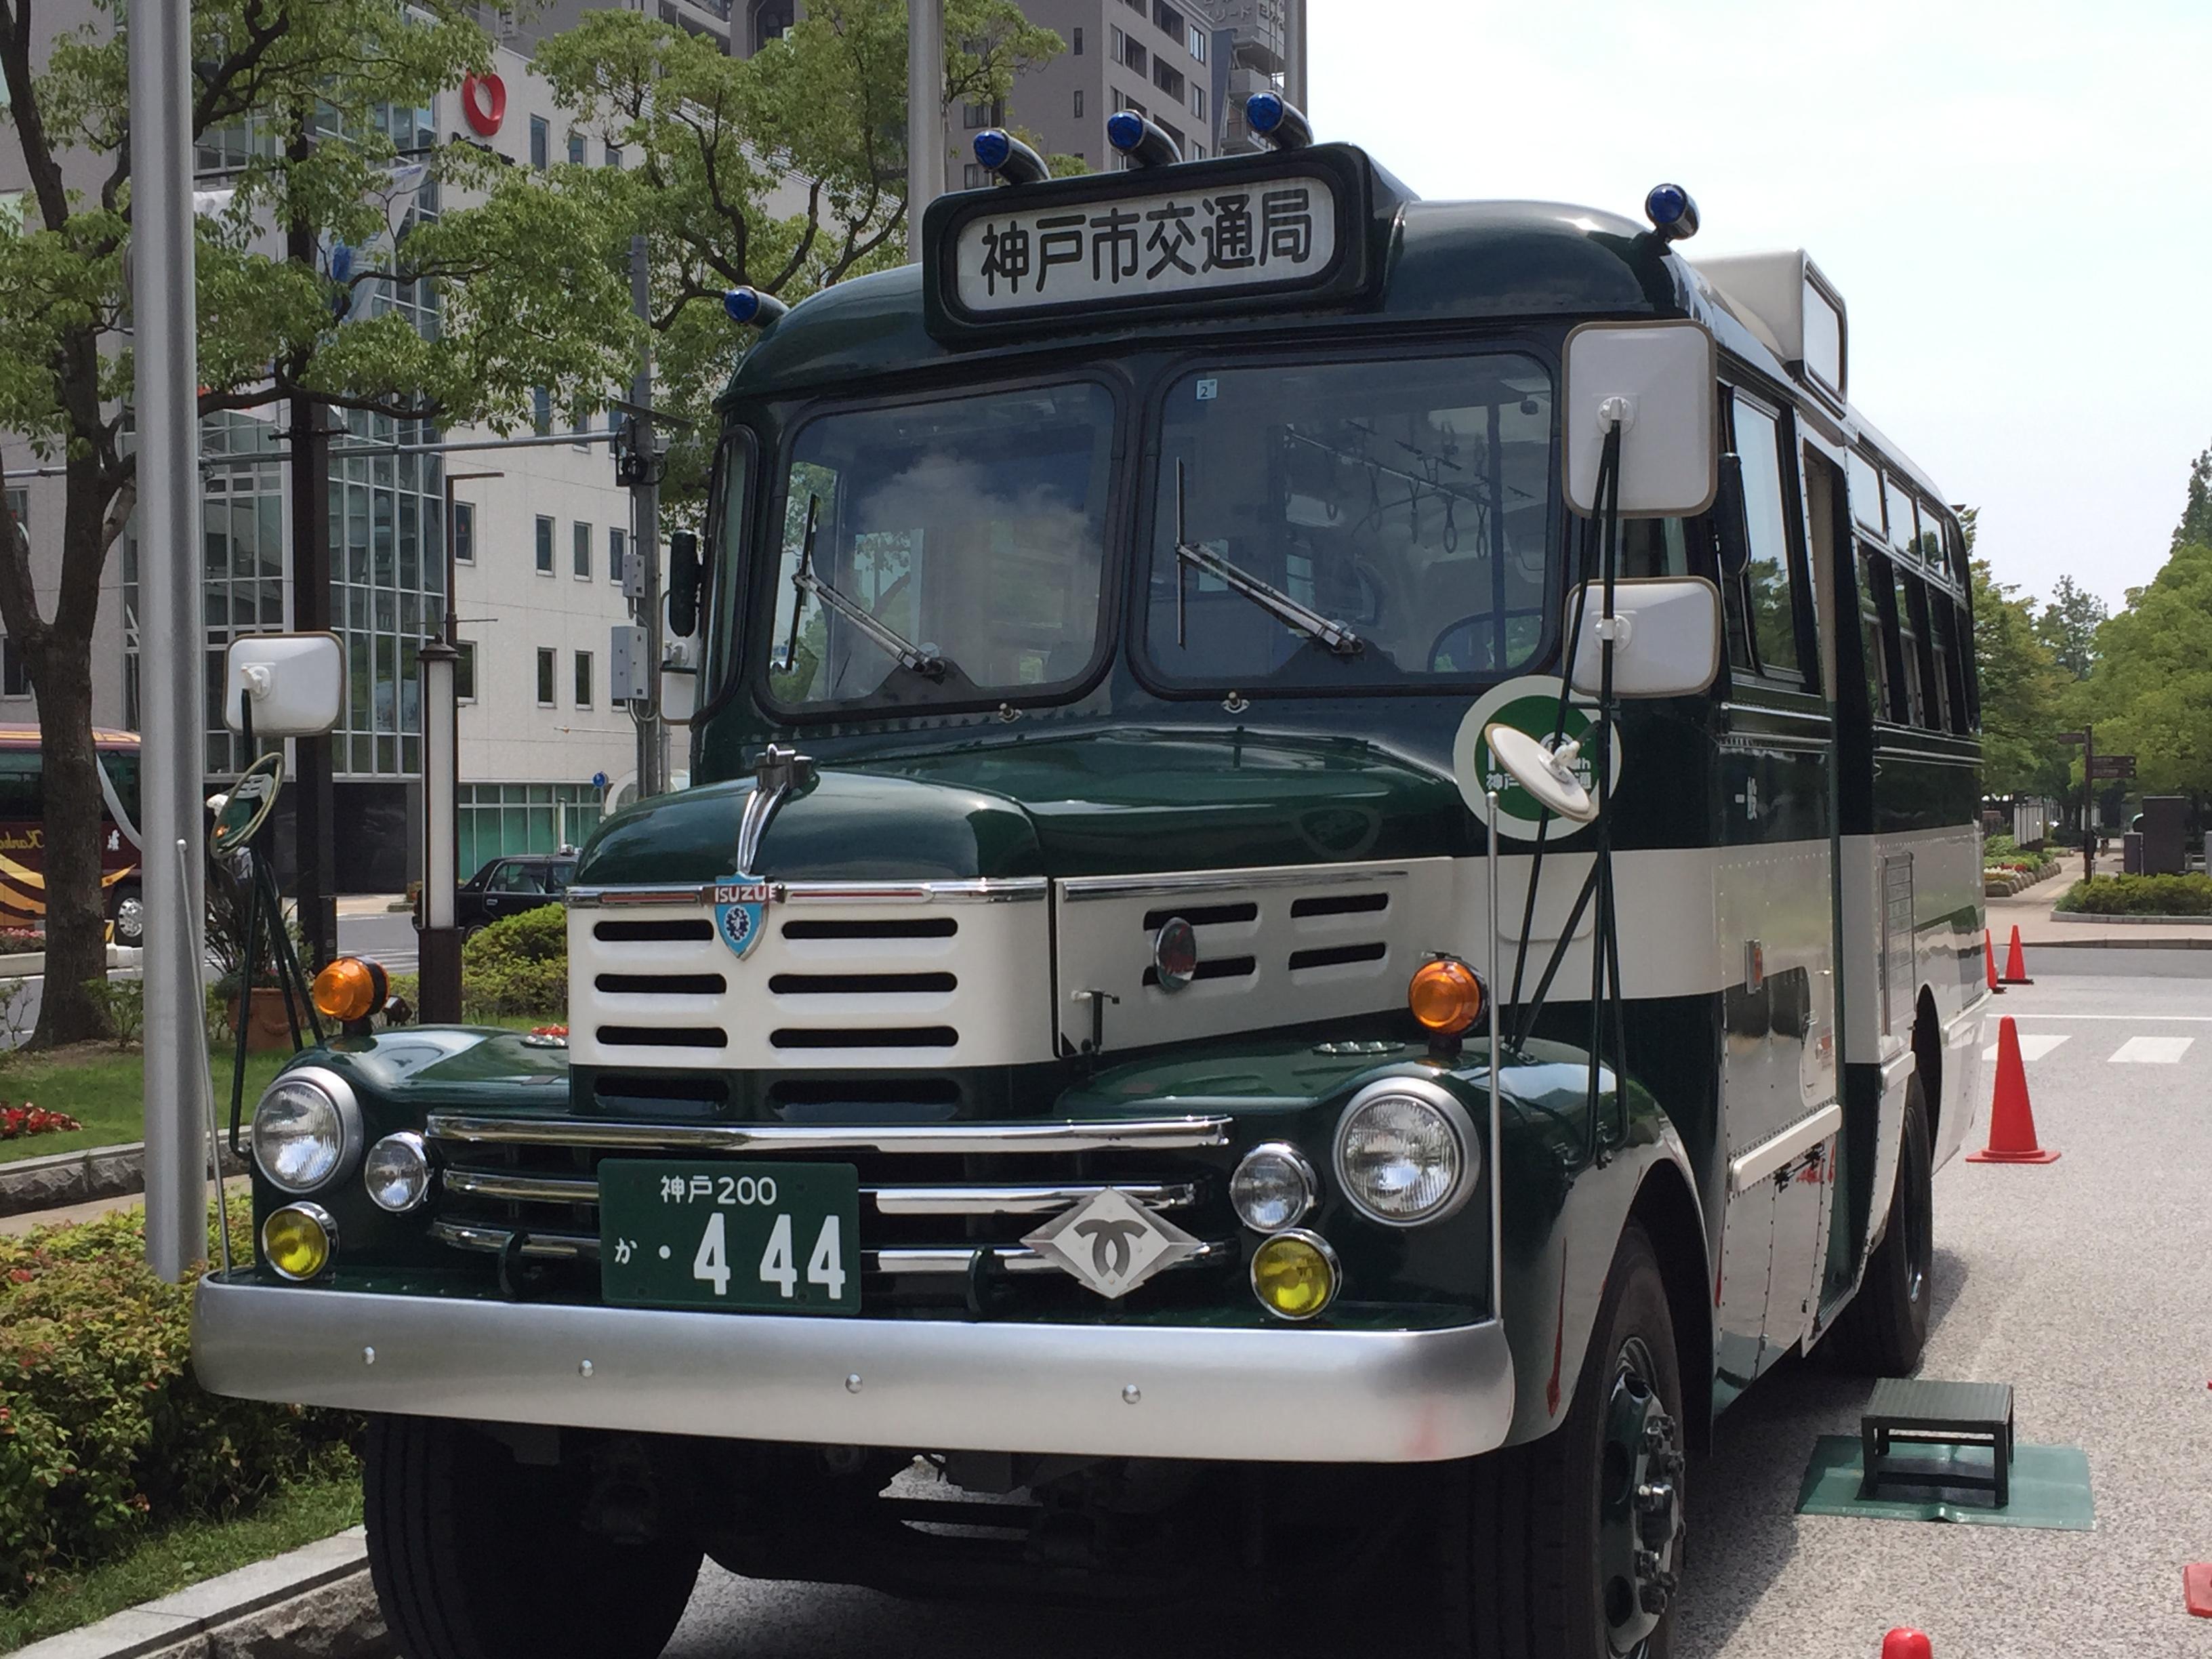 神戸市営交通100周年記念!ボンネットバスと写真パネル展を見学してきたよ #神戸市営交通